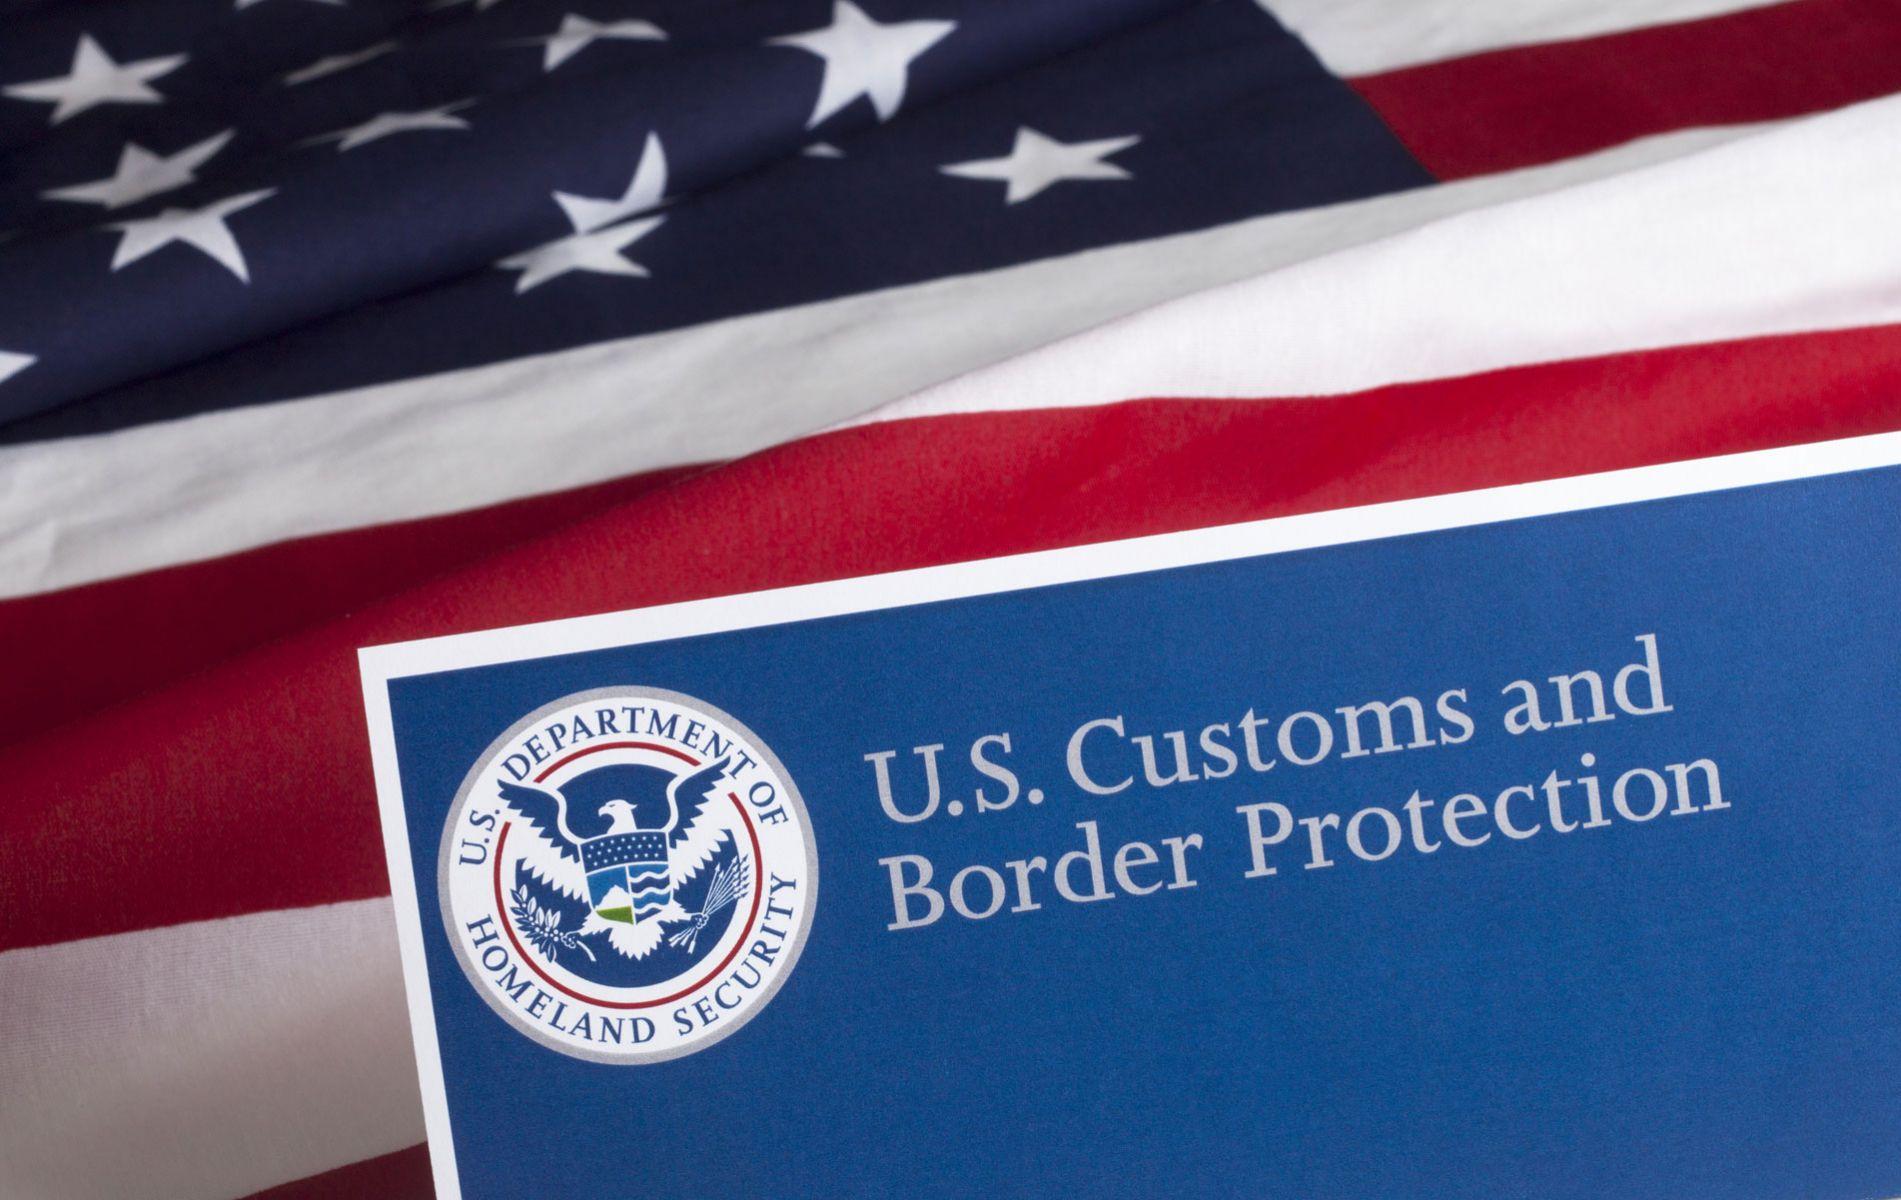 想要拿美國簽證?先交出社群媒體、電子郵件帳號和電話